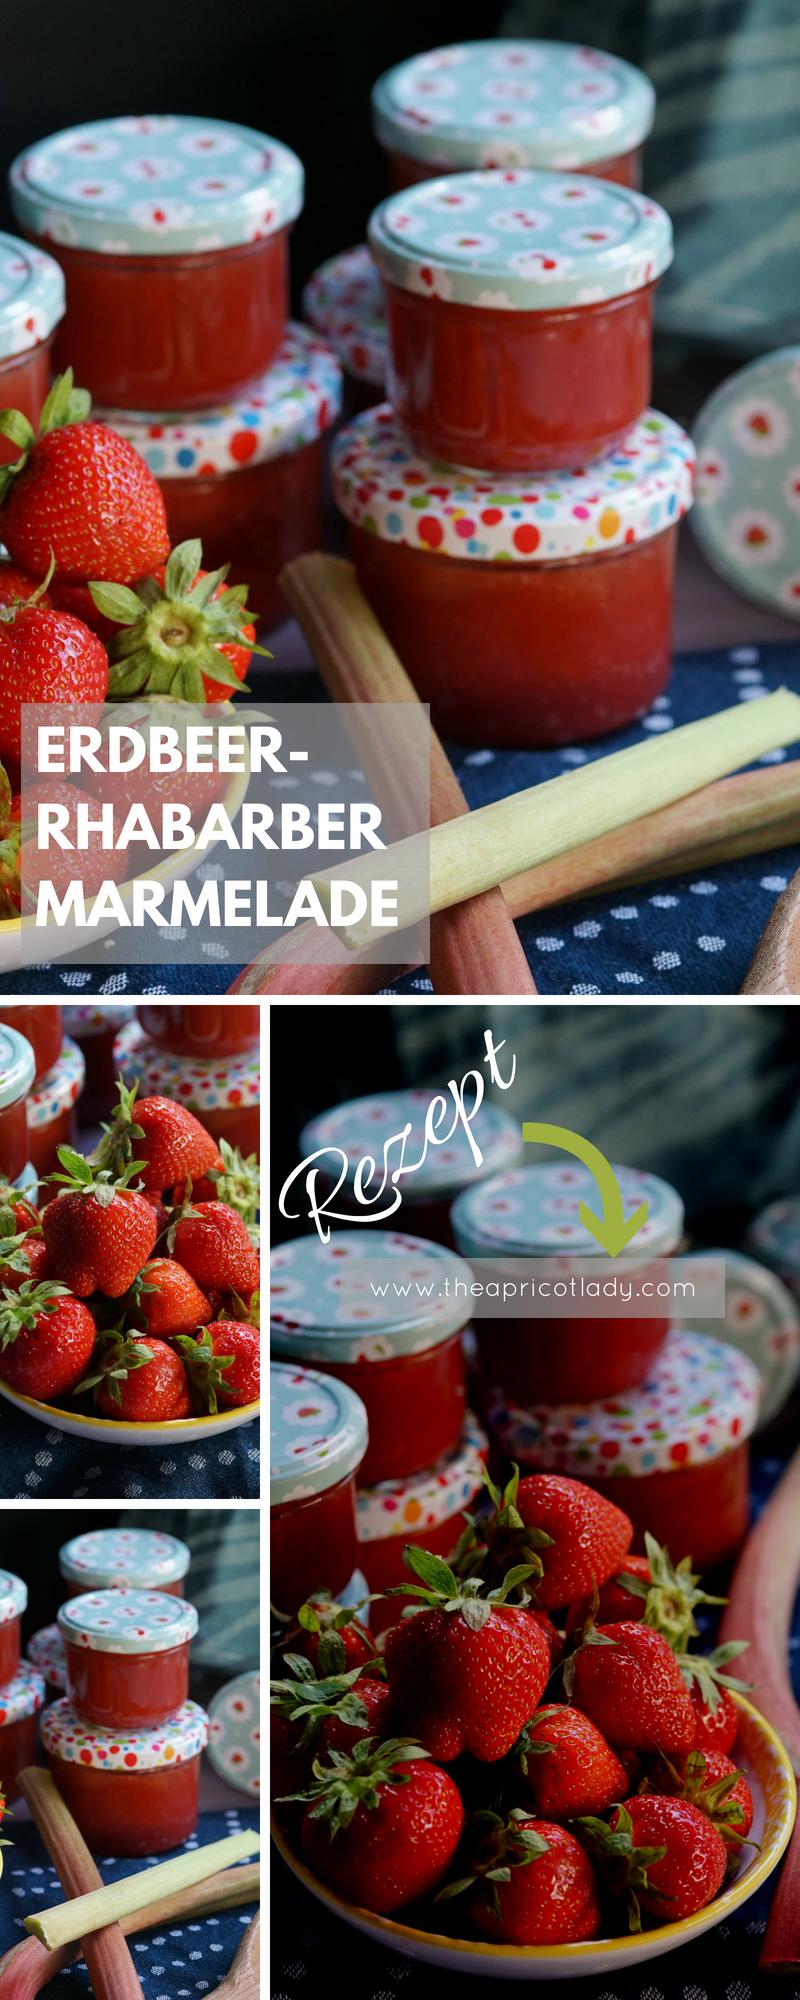 Erdbeer-Rhabarber Marmelade - The Apricot Lady